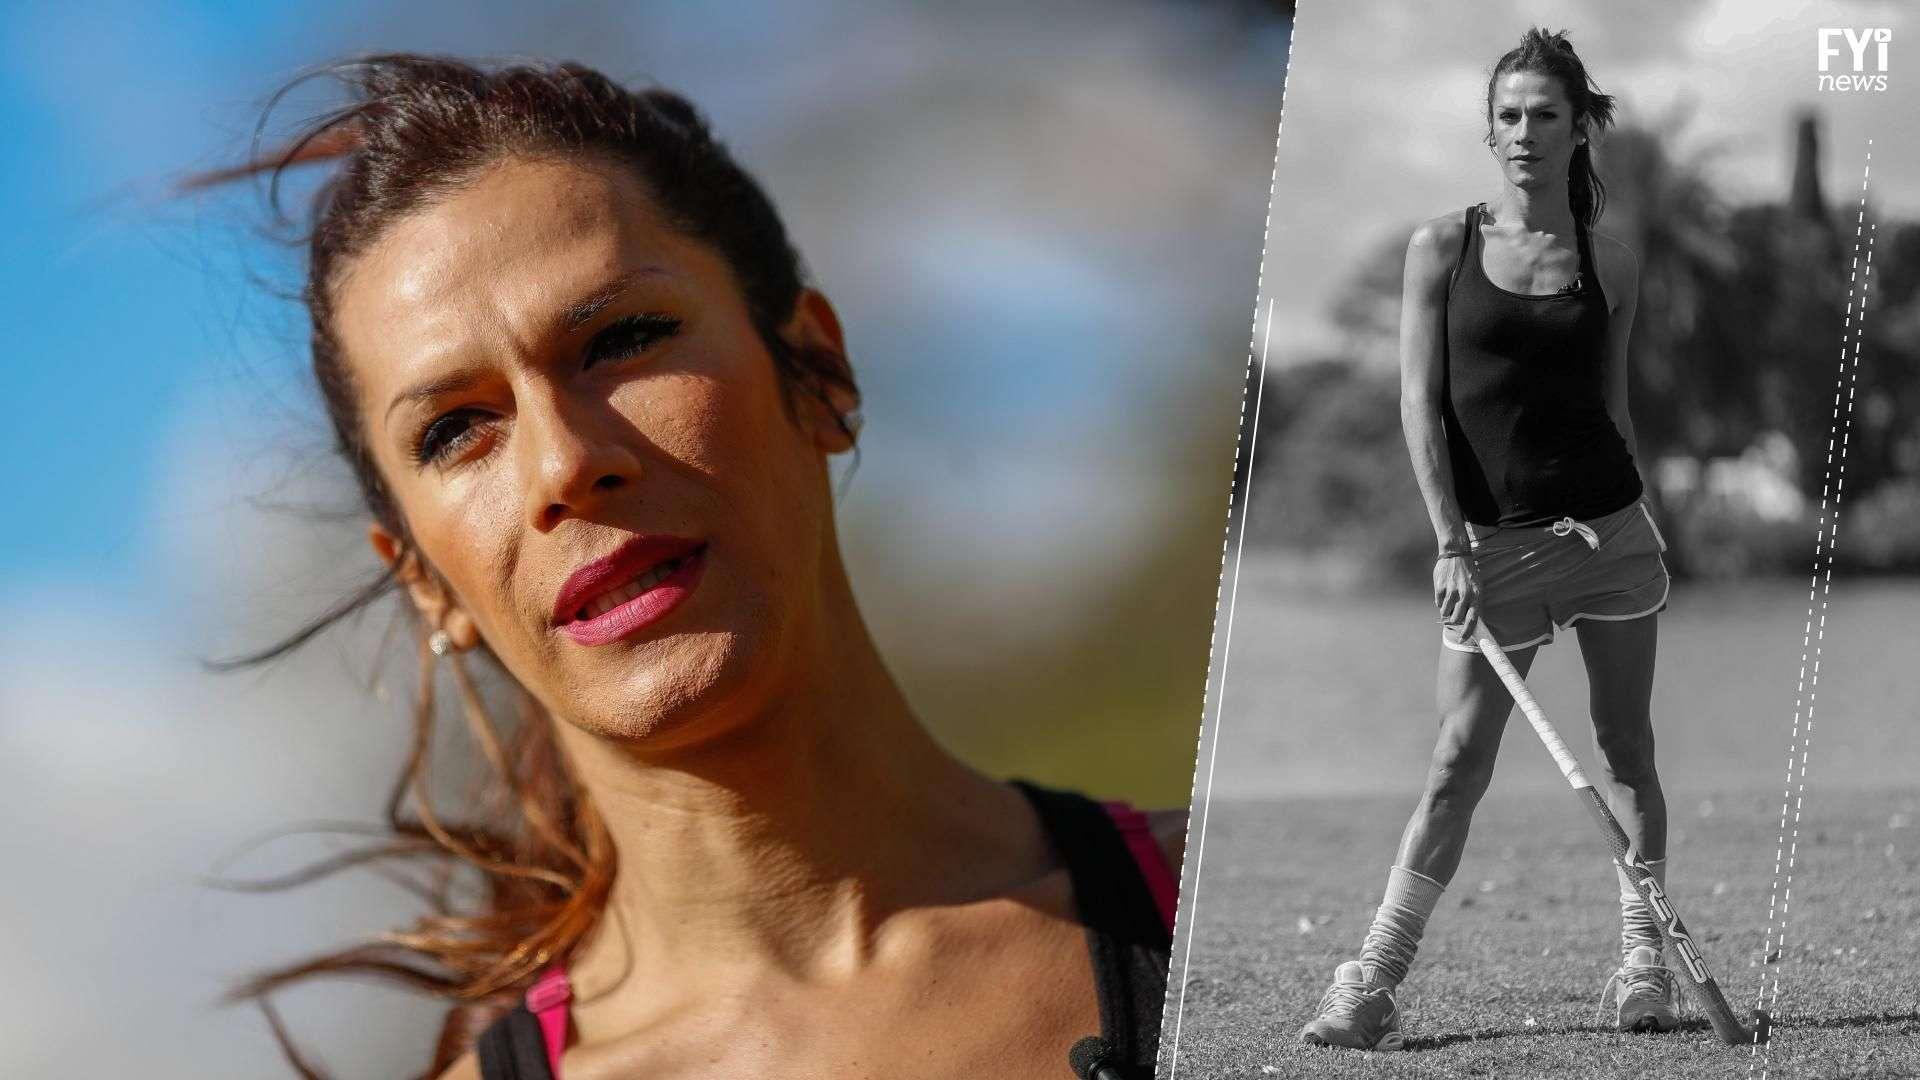 La jugadora trans que le ganó al prejuicio y logró competir